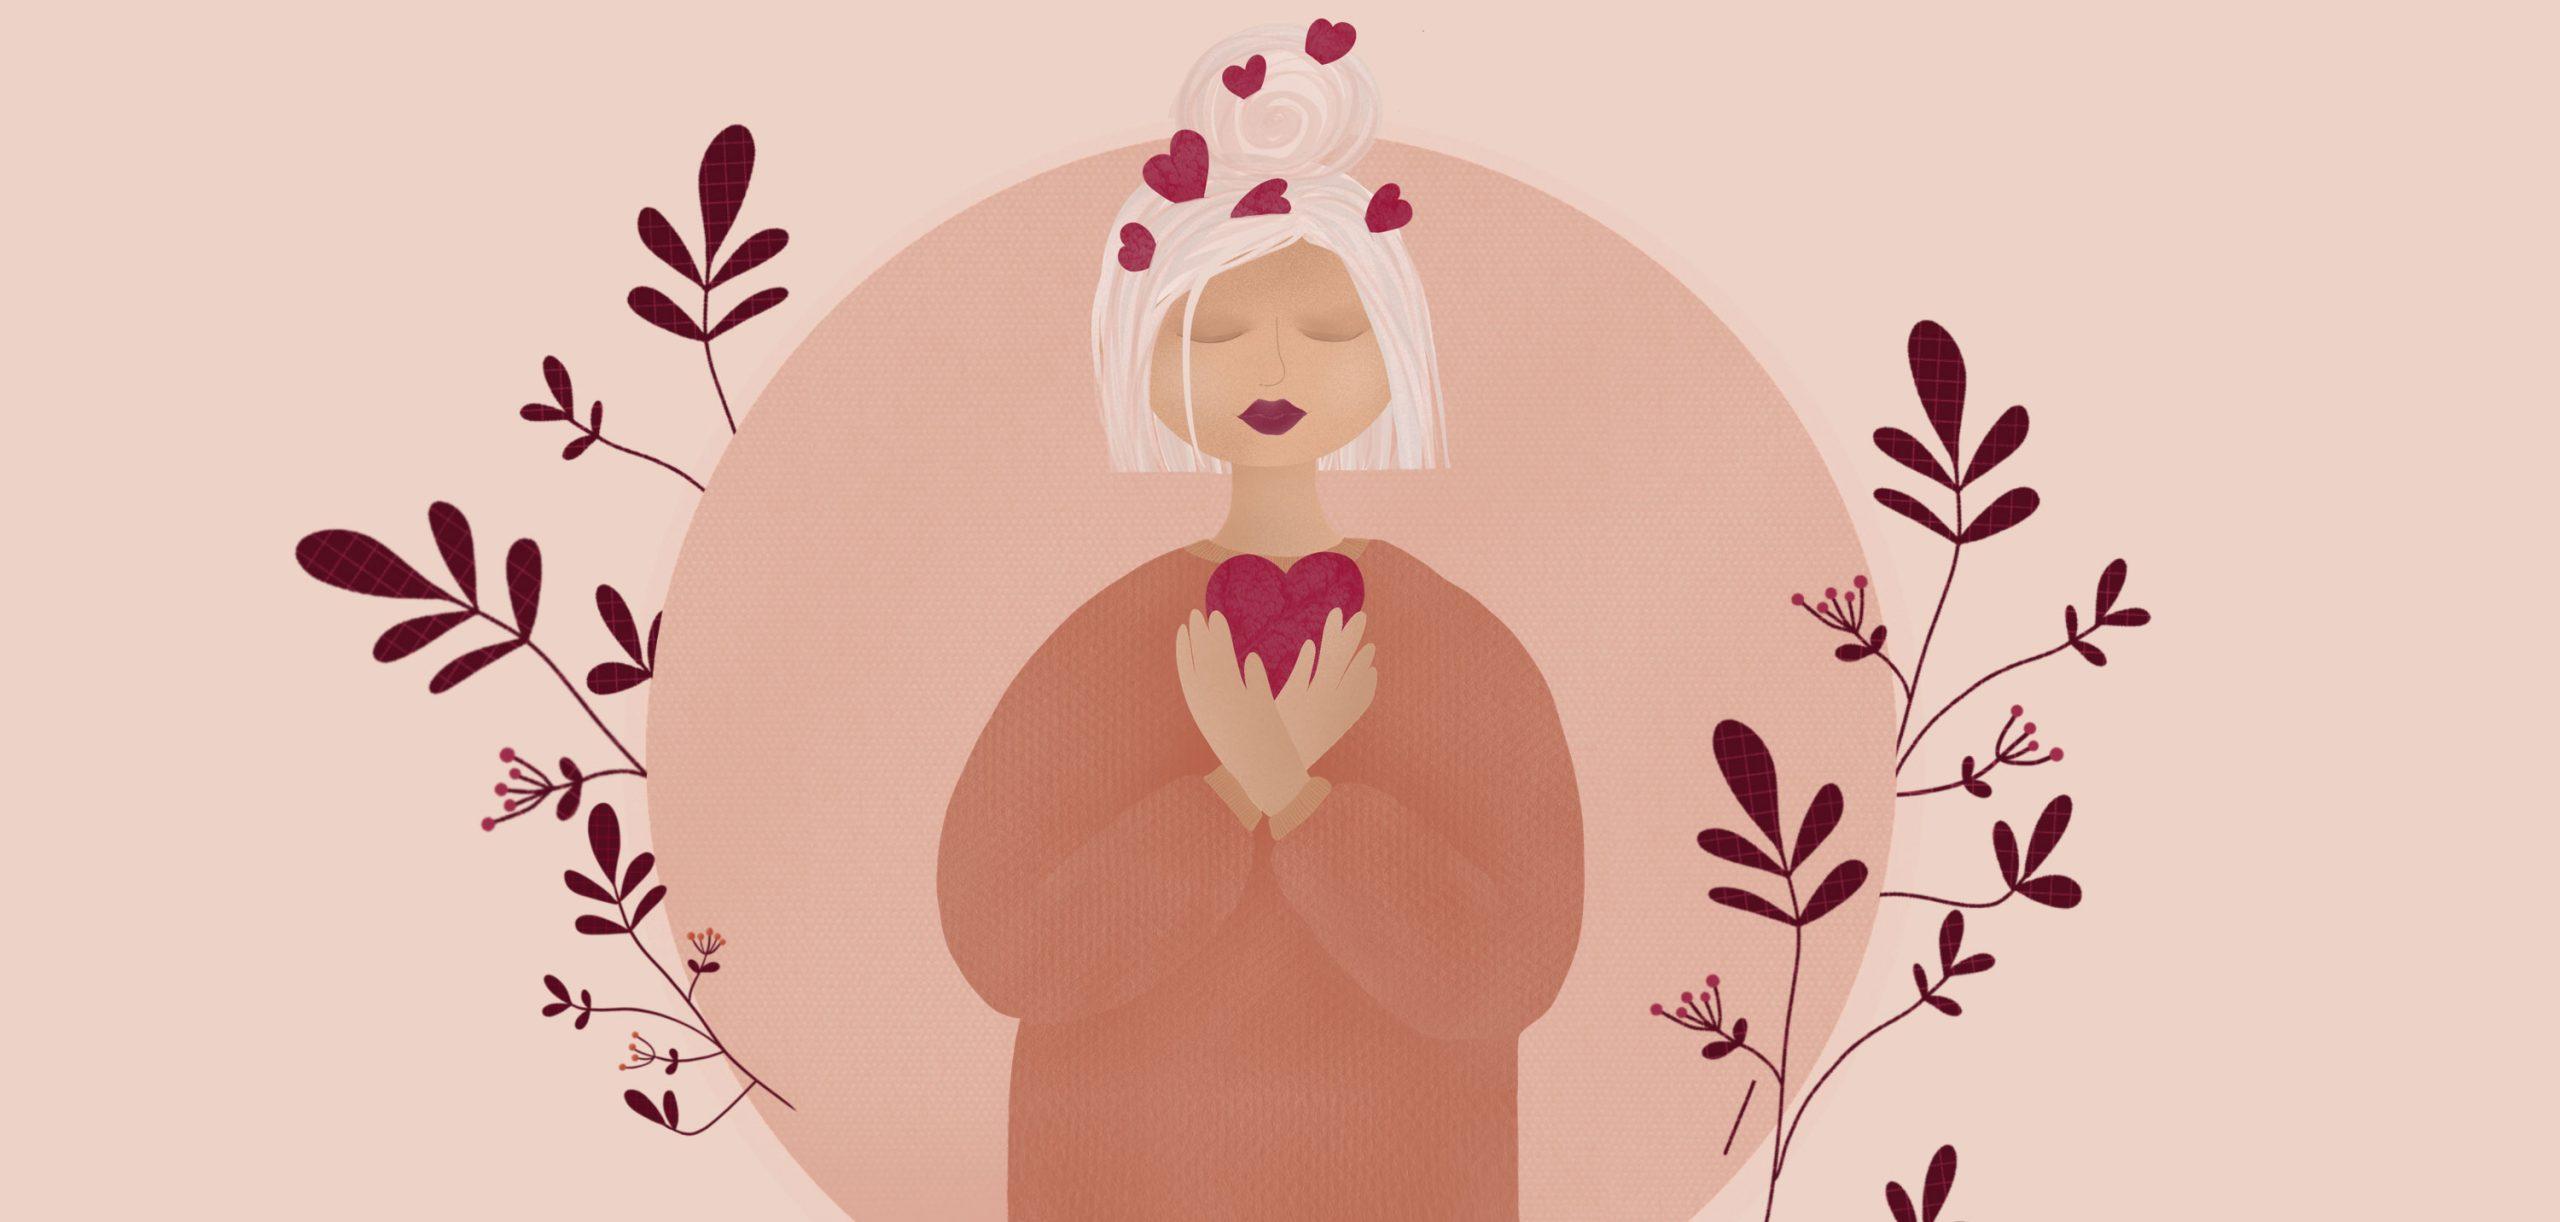 Miłość zaczyna się… w głowie! Sprawdź, czy na pewno twoje serce jest zakochane!